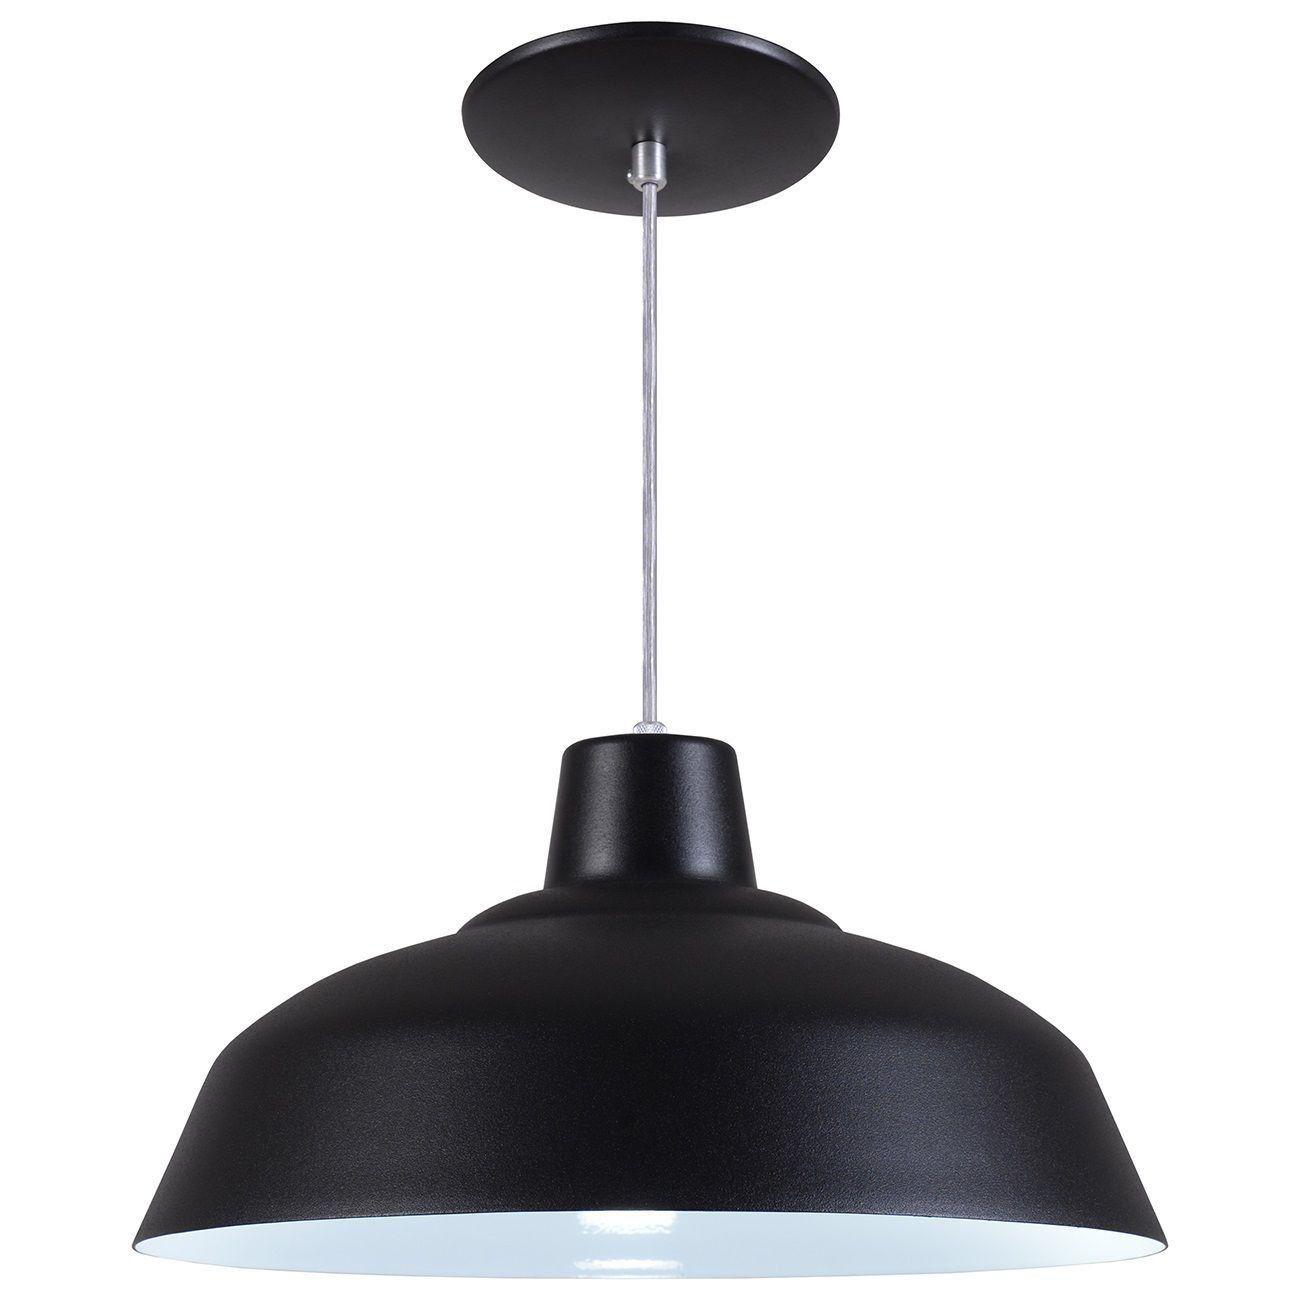 Pendente Retrô 34cm Luminária Lustre Alumínio Preto Textura - Rei Da Iluminação